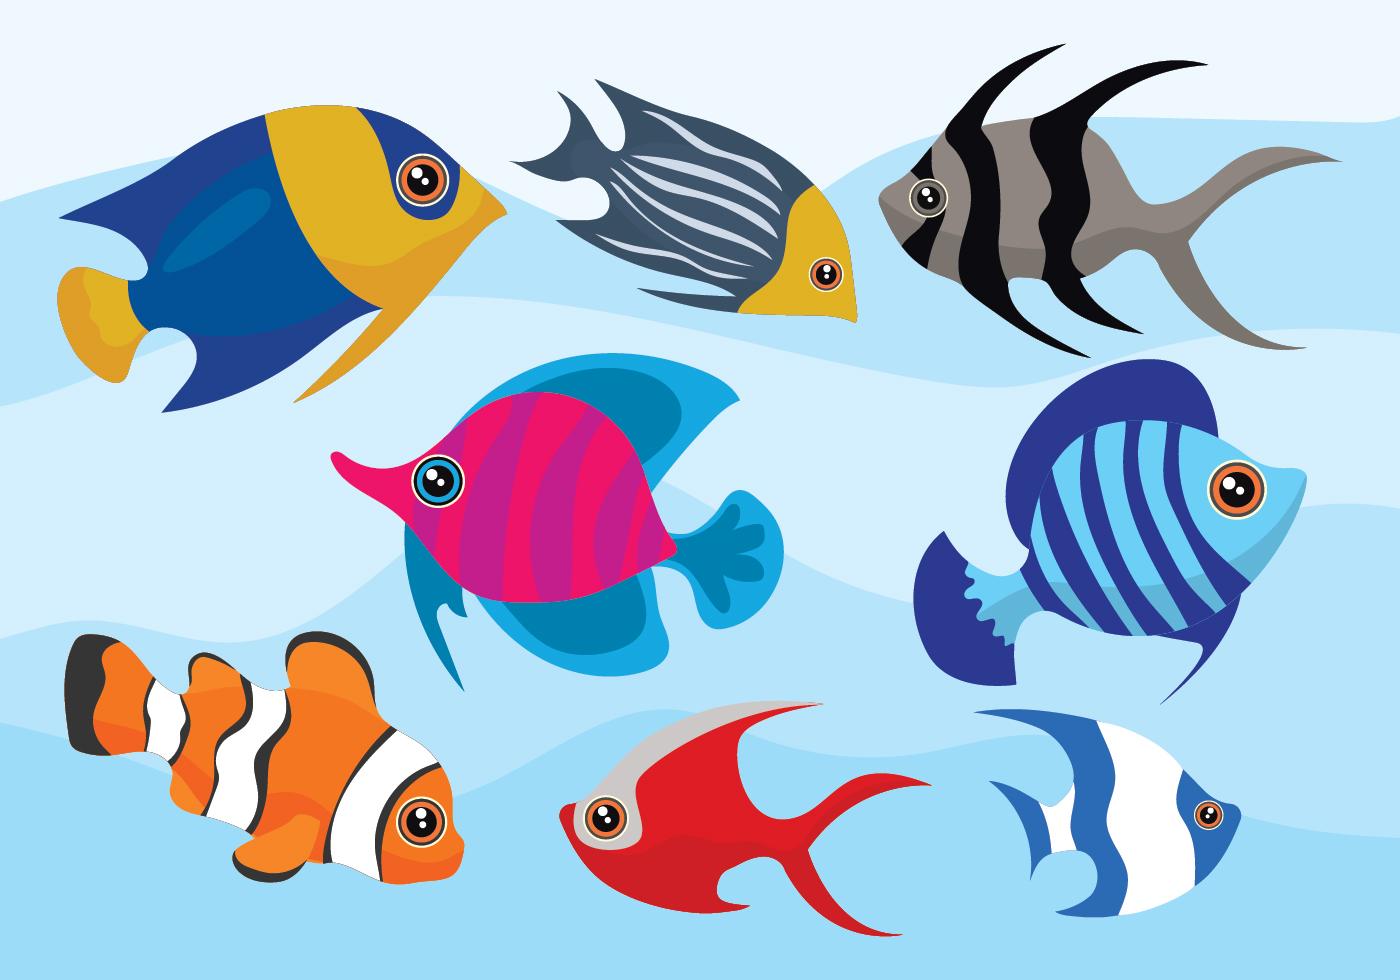 魚素材 免費下載 | 天天瘋後製